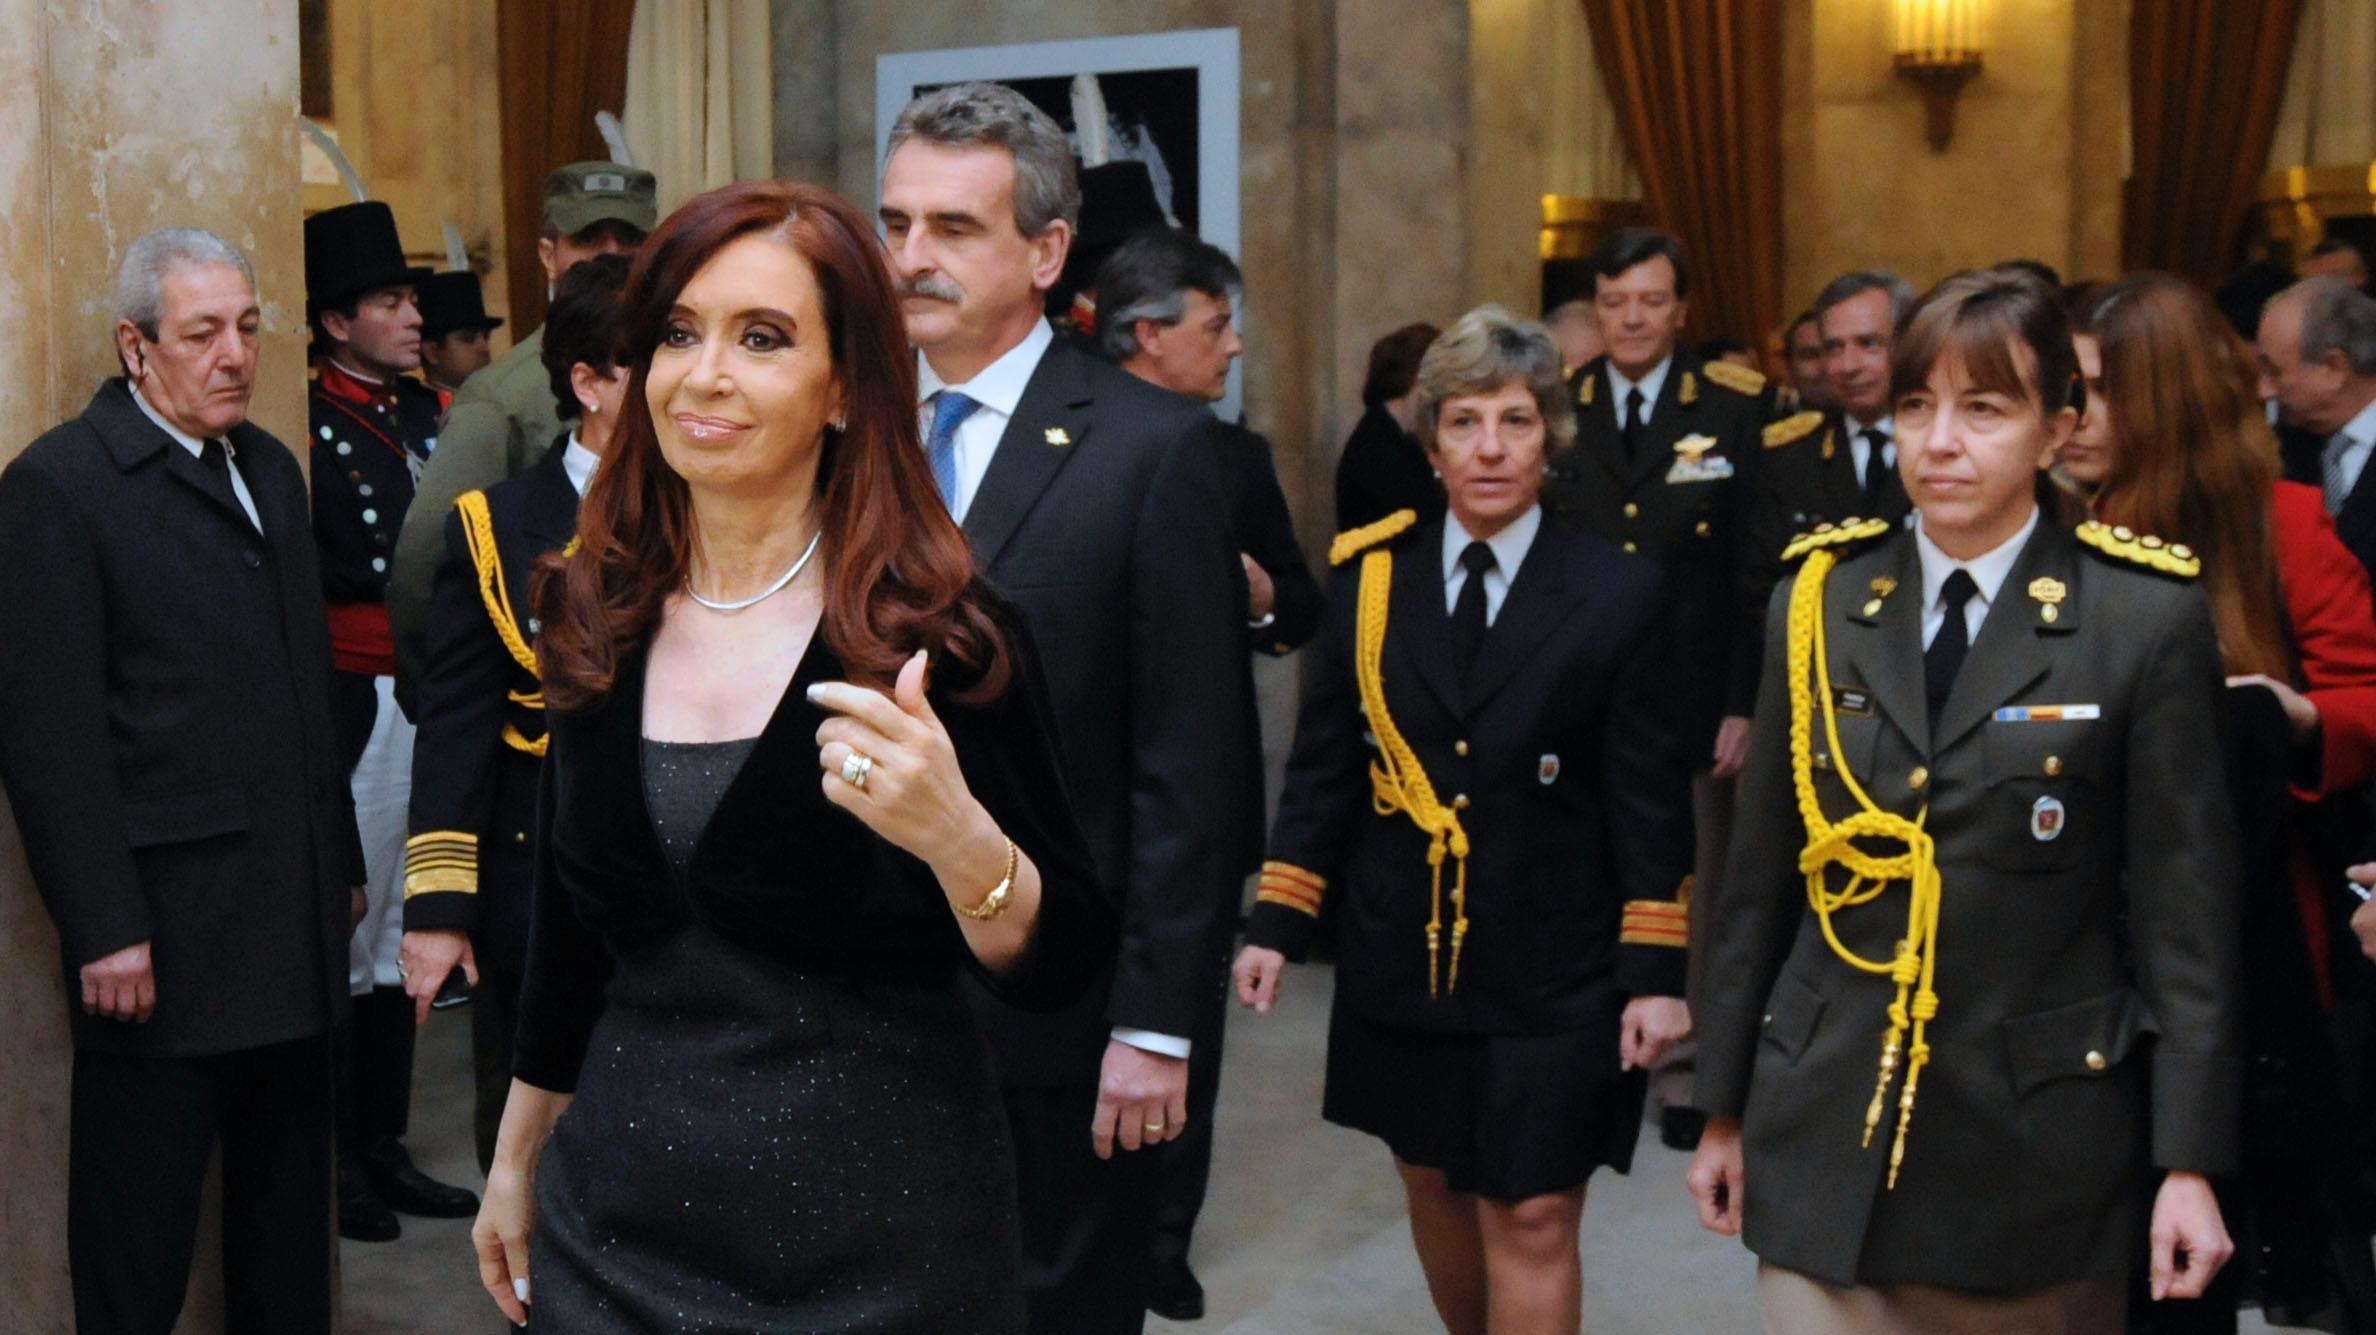 La edecana de Cristina, María Isabel Pansa, ahora será elevada al rango de generala